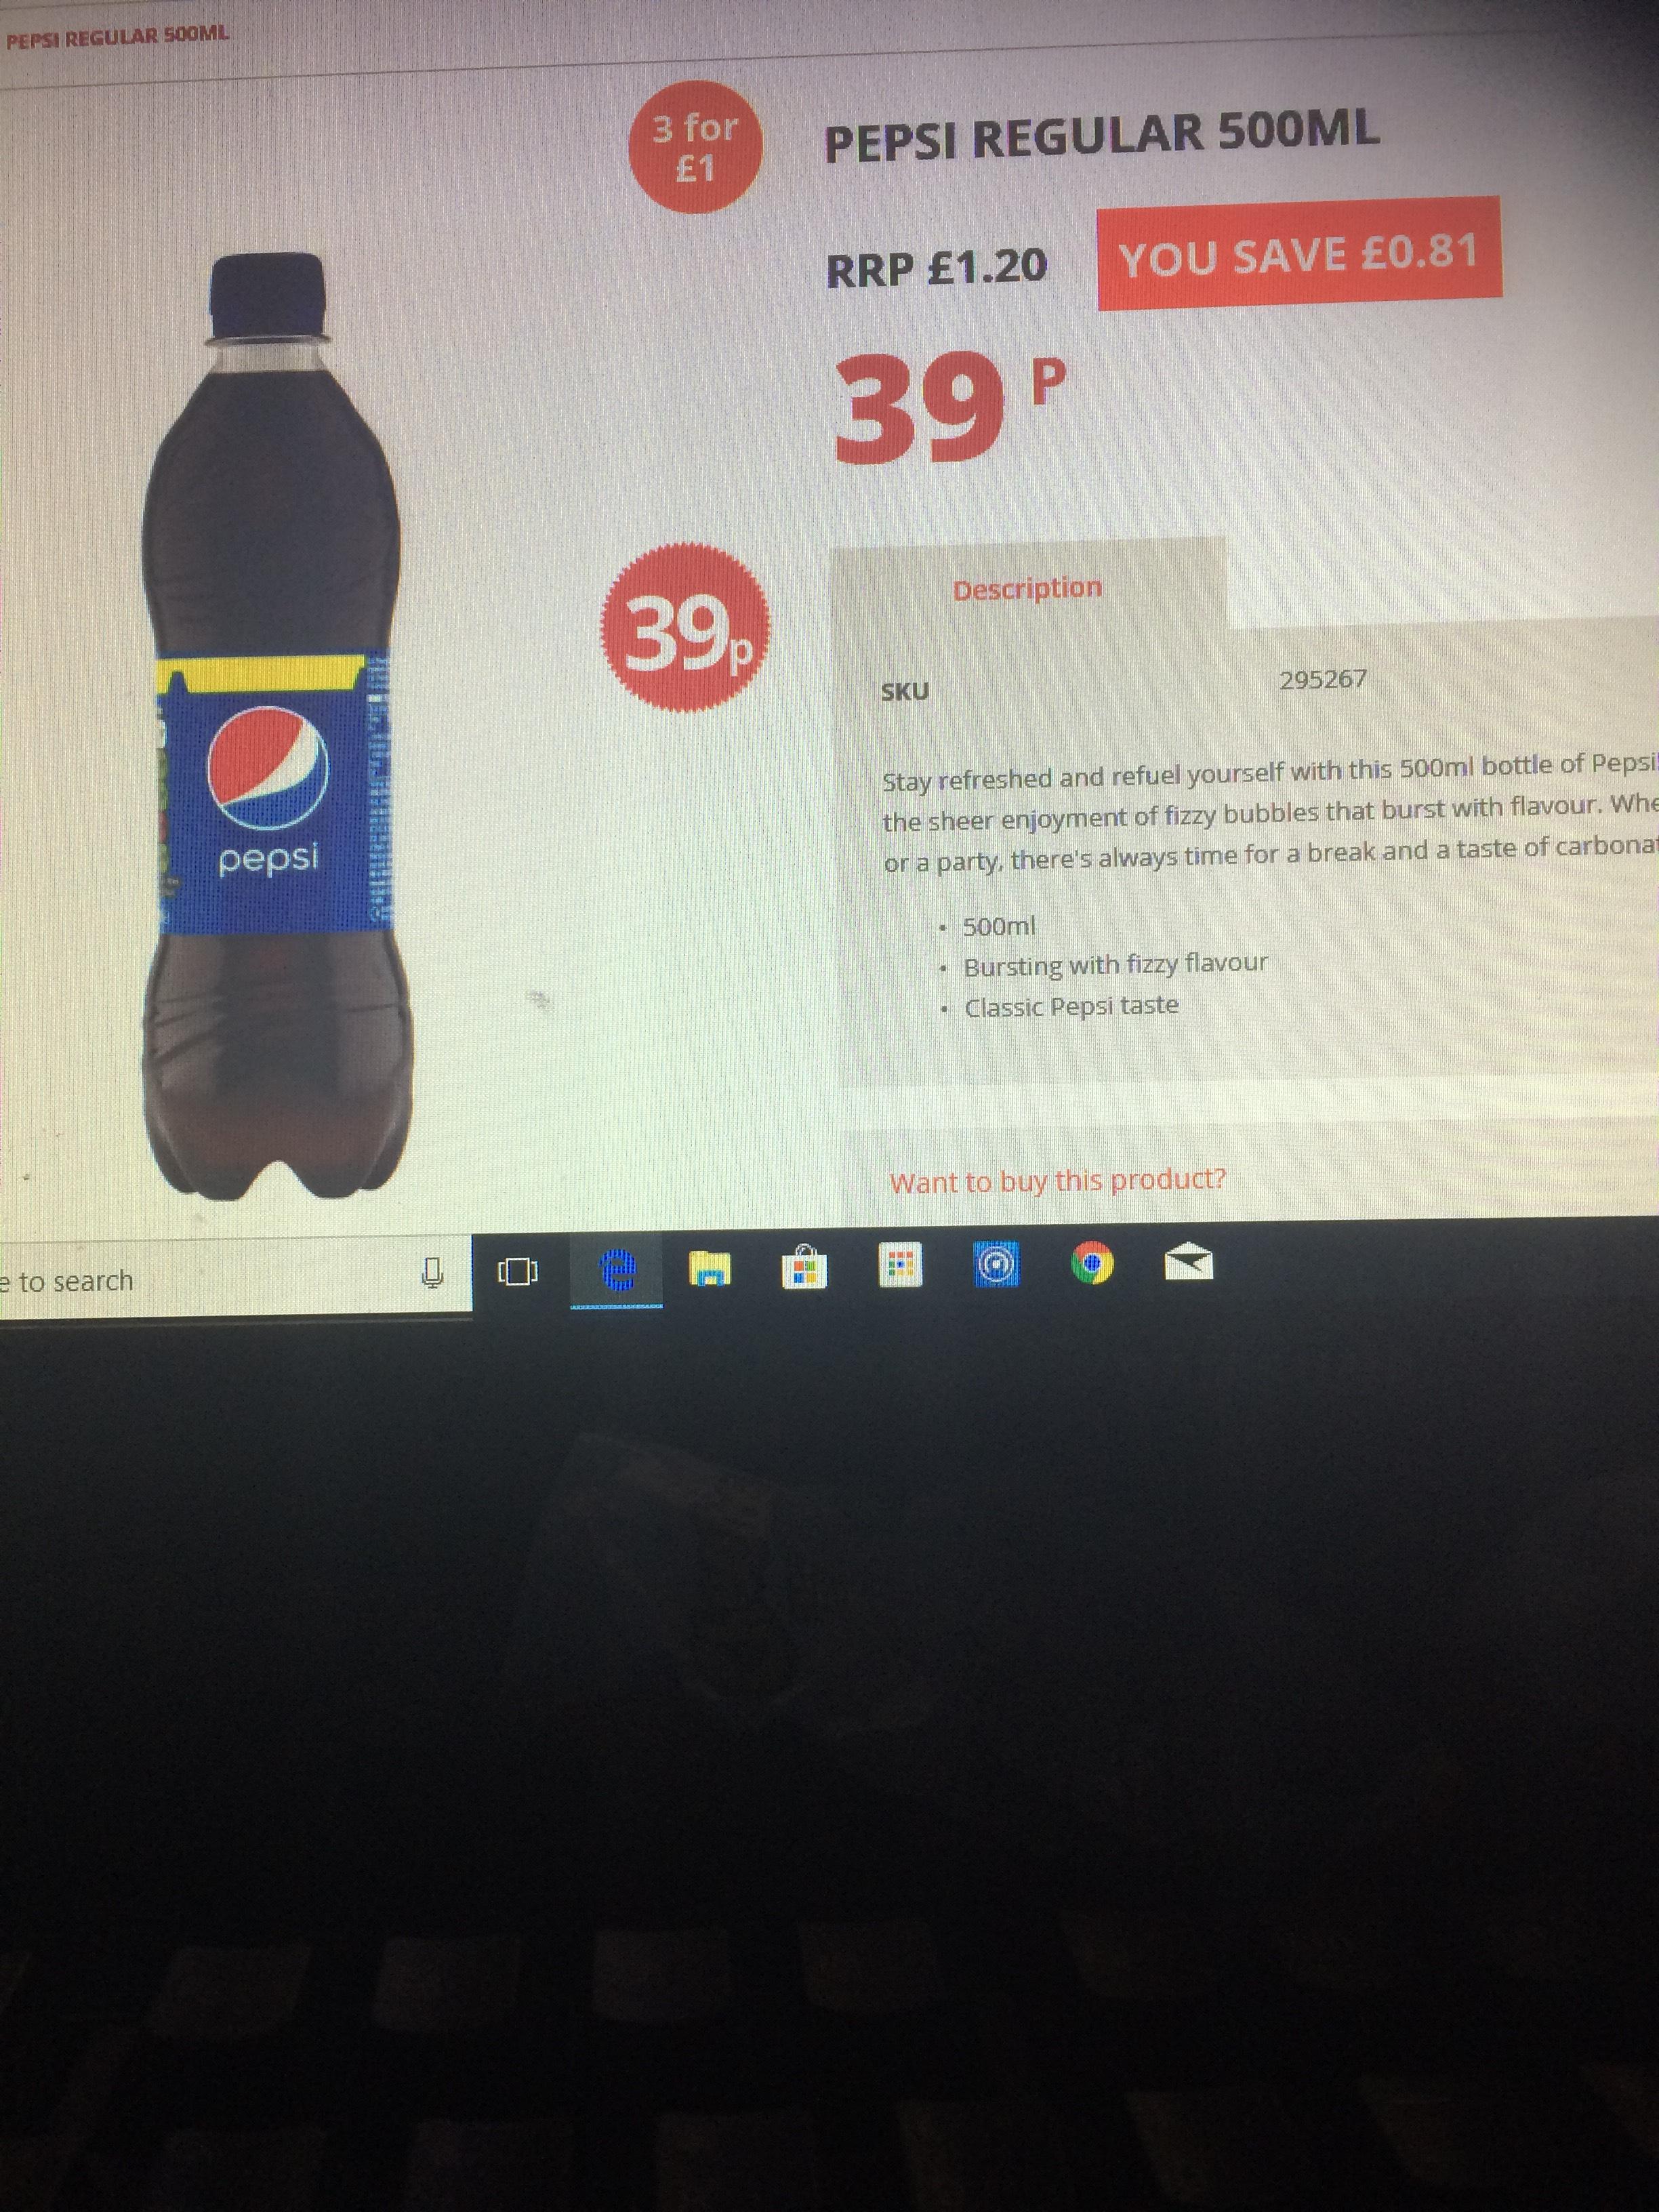 Pepsi Regular Bottle 500ml 3 for £1 @ Poundstretcher